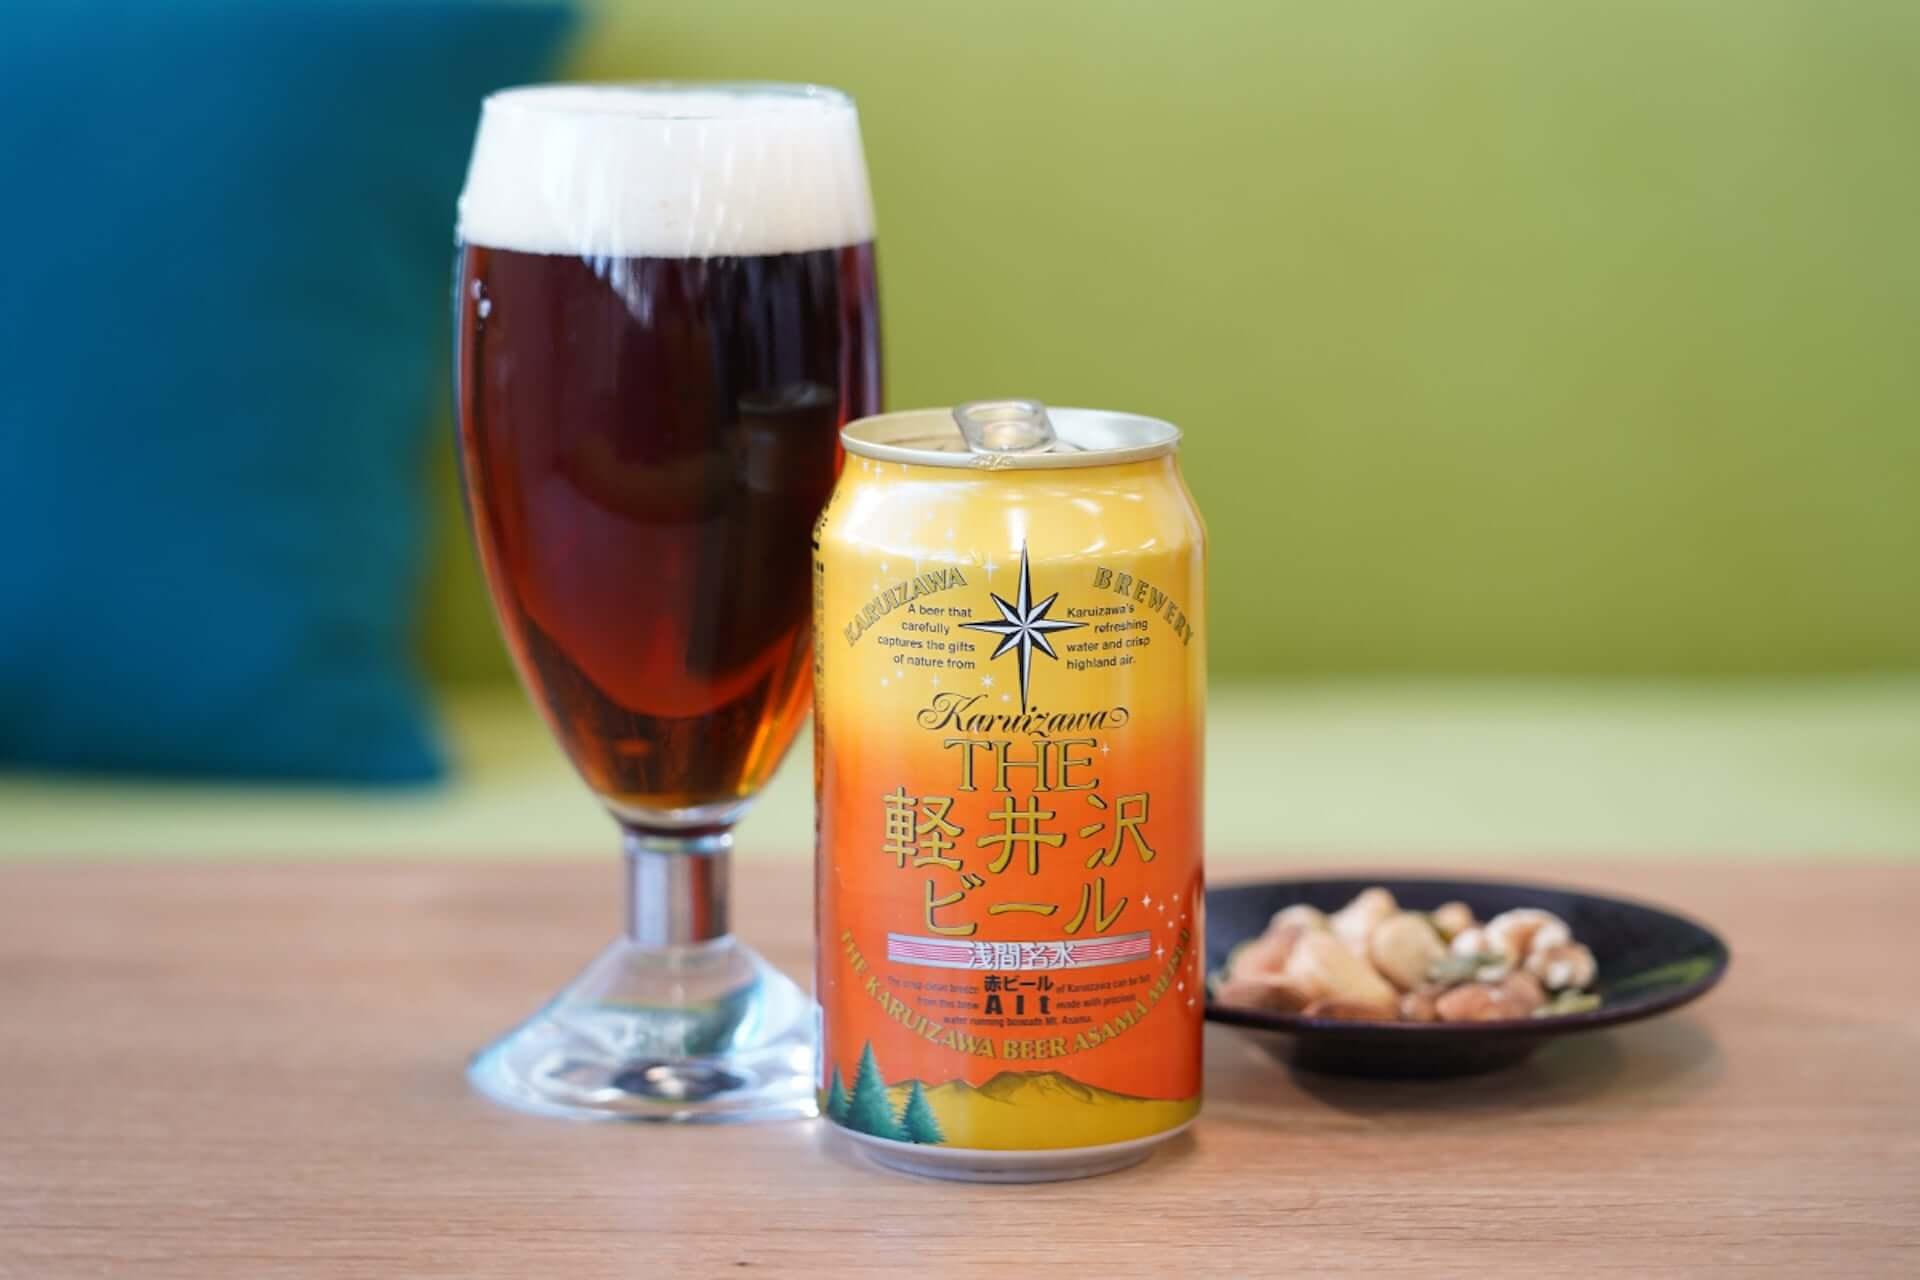 父の日限定の地ビール・クラフトビール8本飲み比べセットが登場!感謝のメッセージ付きギフトボックス gourmet200611_karuizawabeer_09-1920x1280